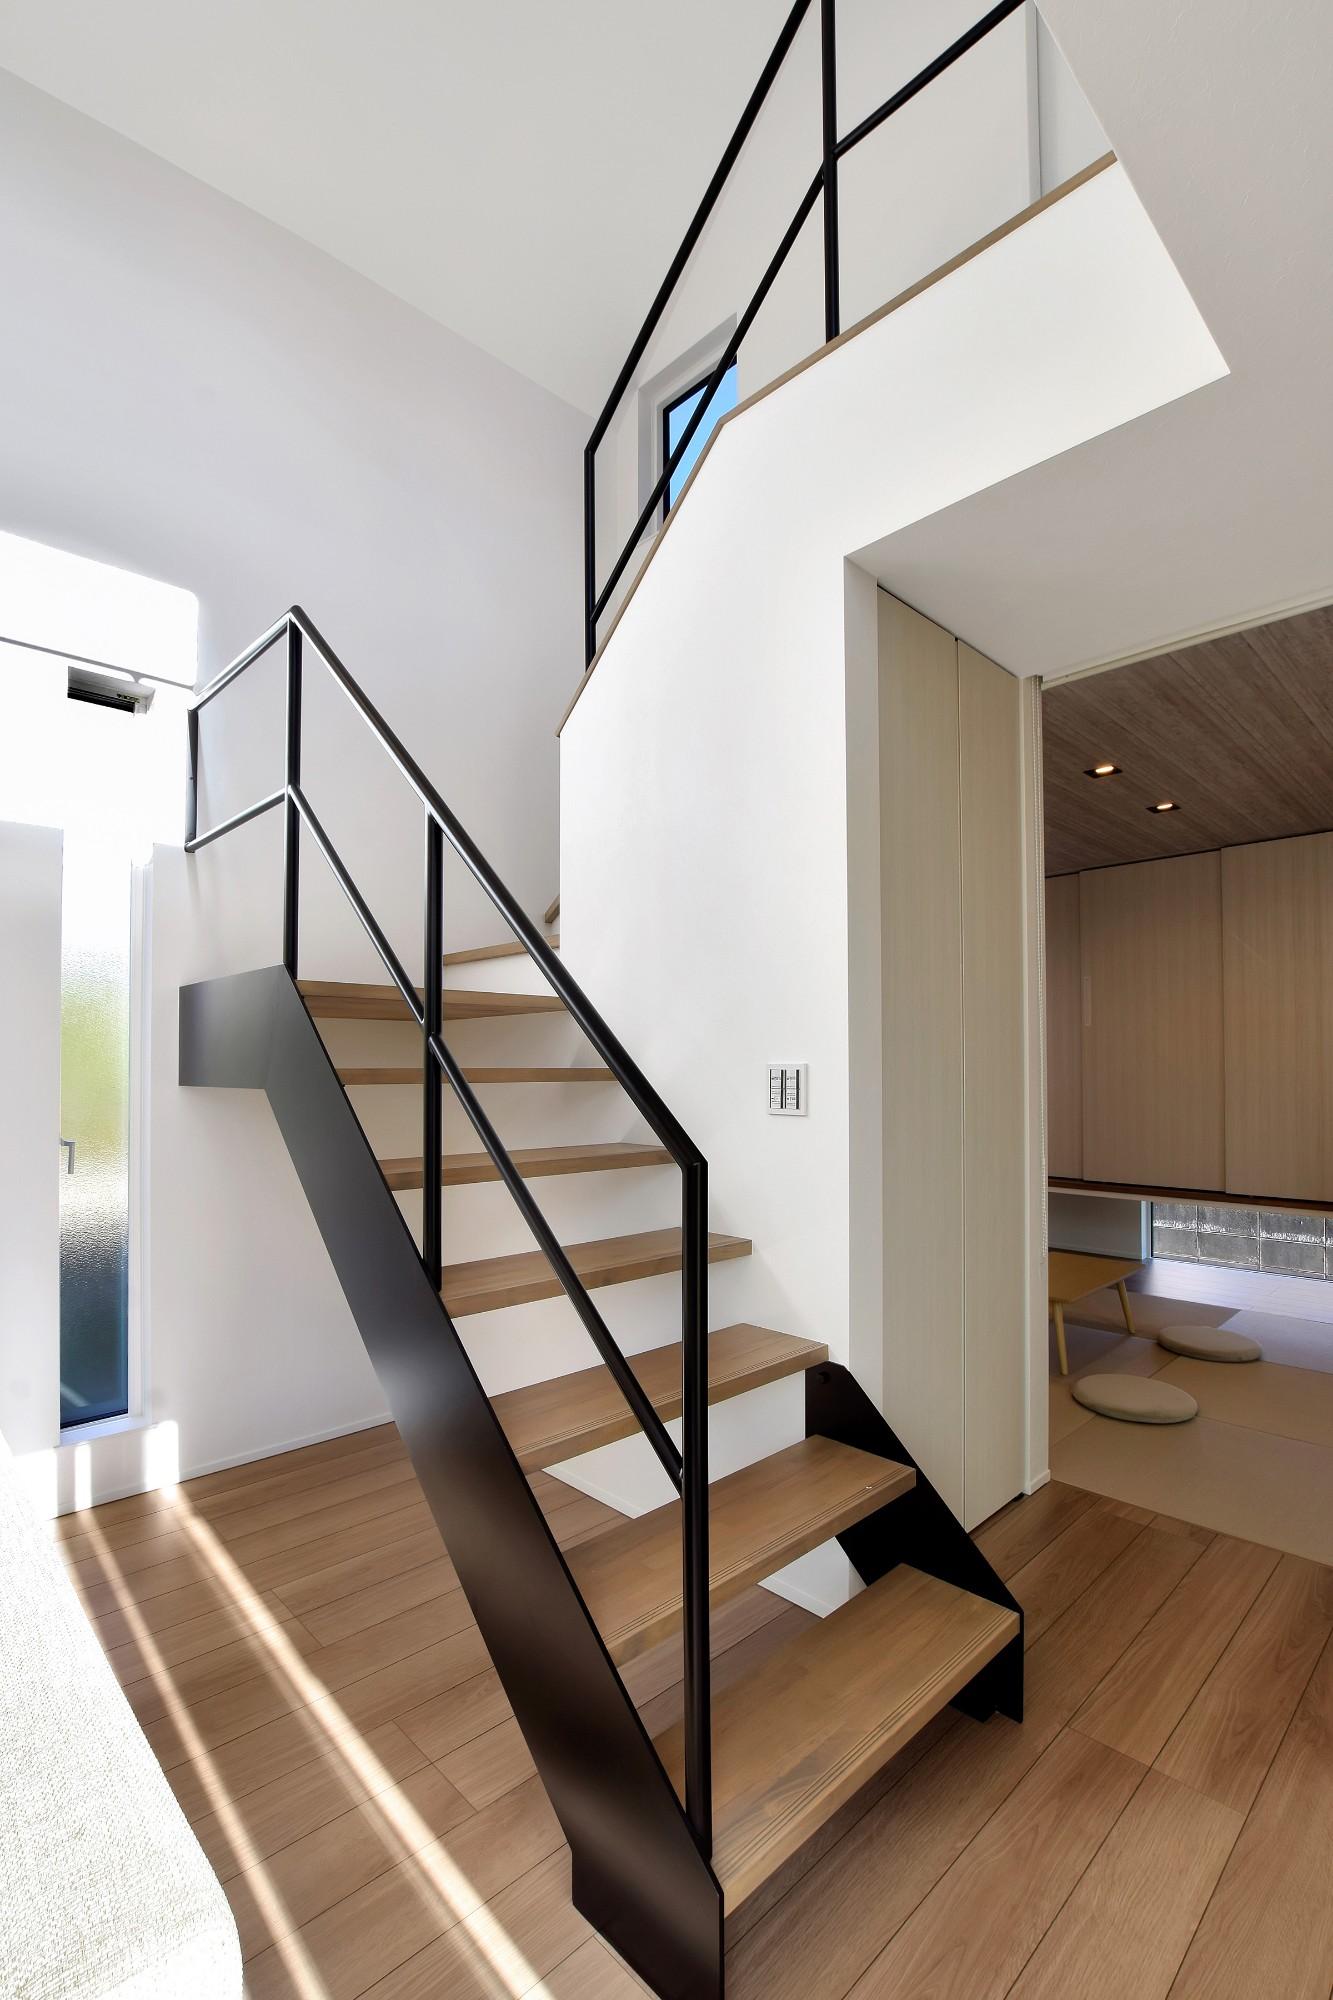 DETAIL HOME(ディテールホーム)「L字型LDKとプライベートデッキのある生活」のシンプル・ナチュラルな階段の実例写真